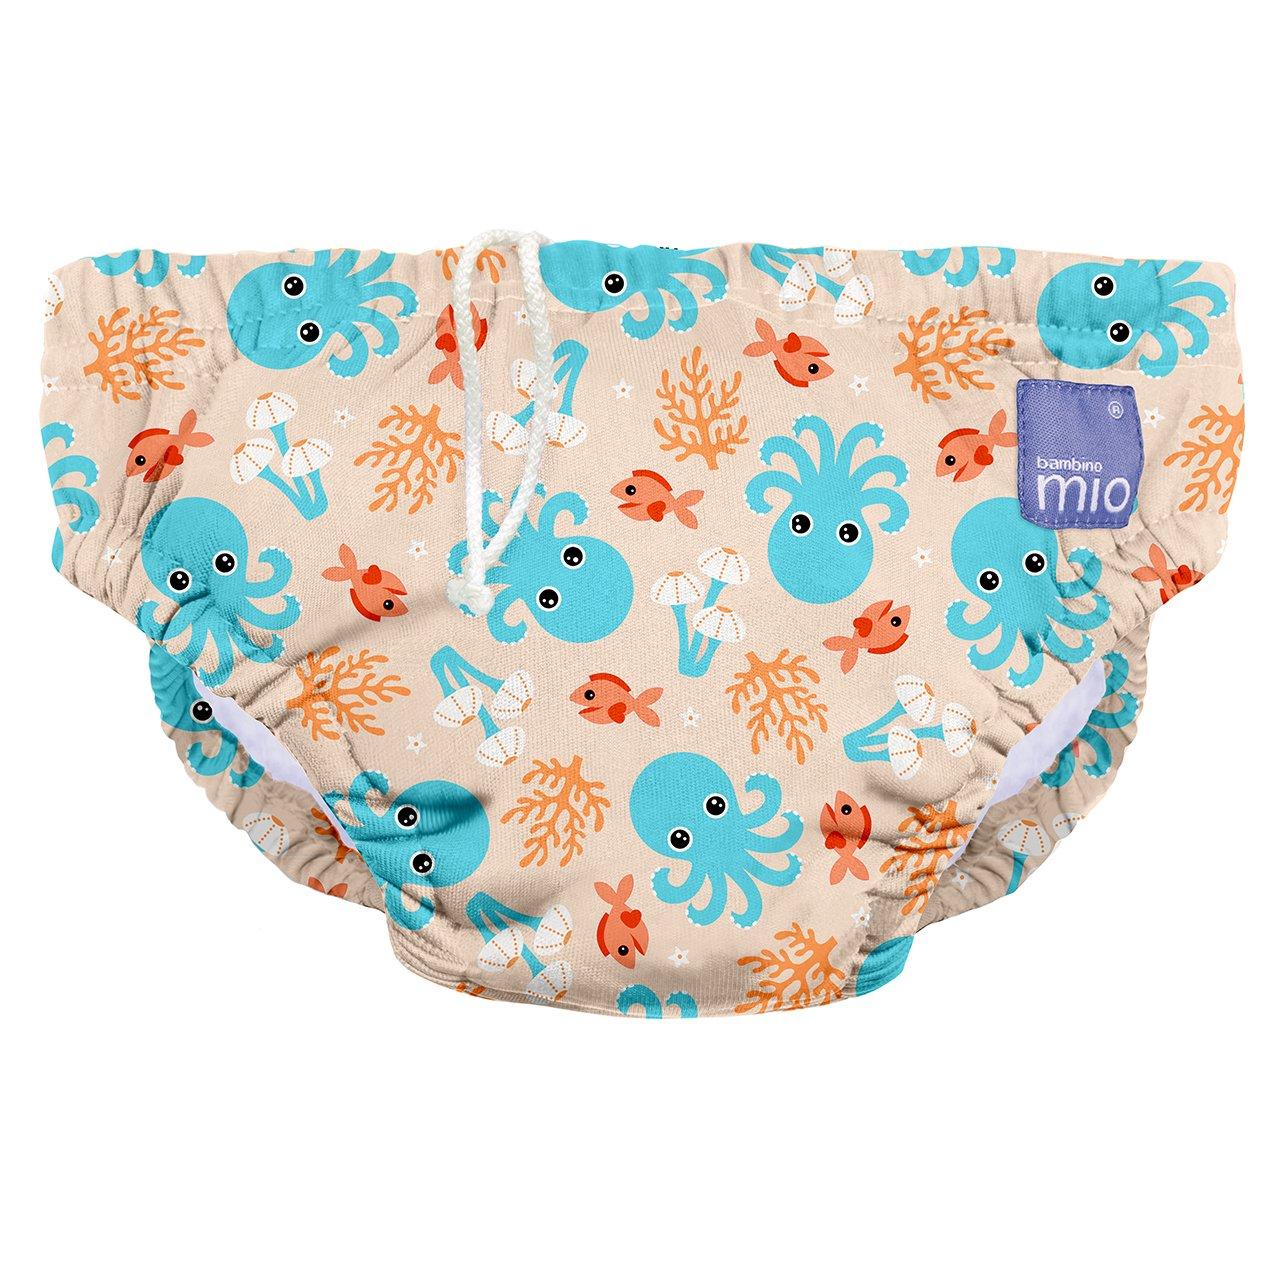 Bambino Mio, Reusable Swim Diaper , Blue Squid , Medium (6-12 Months)